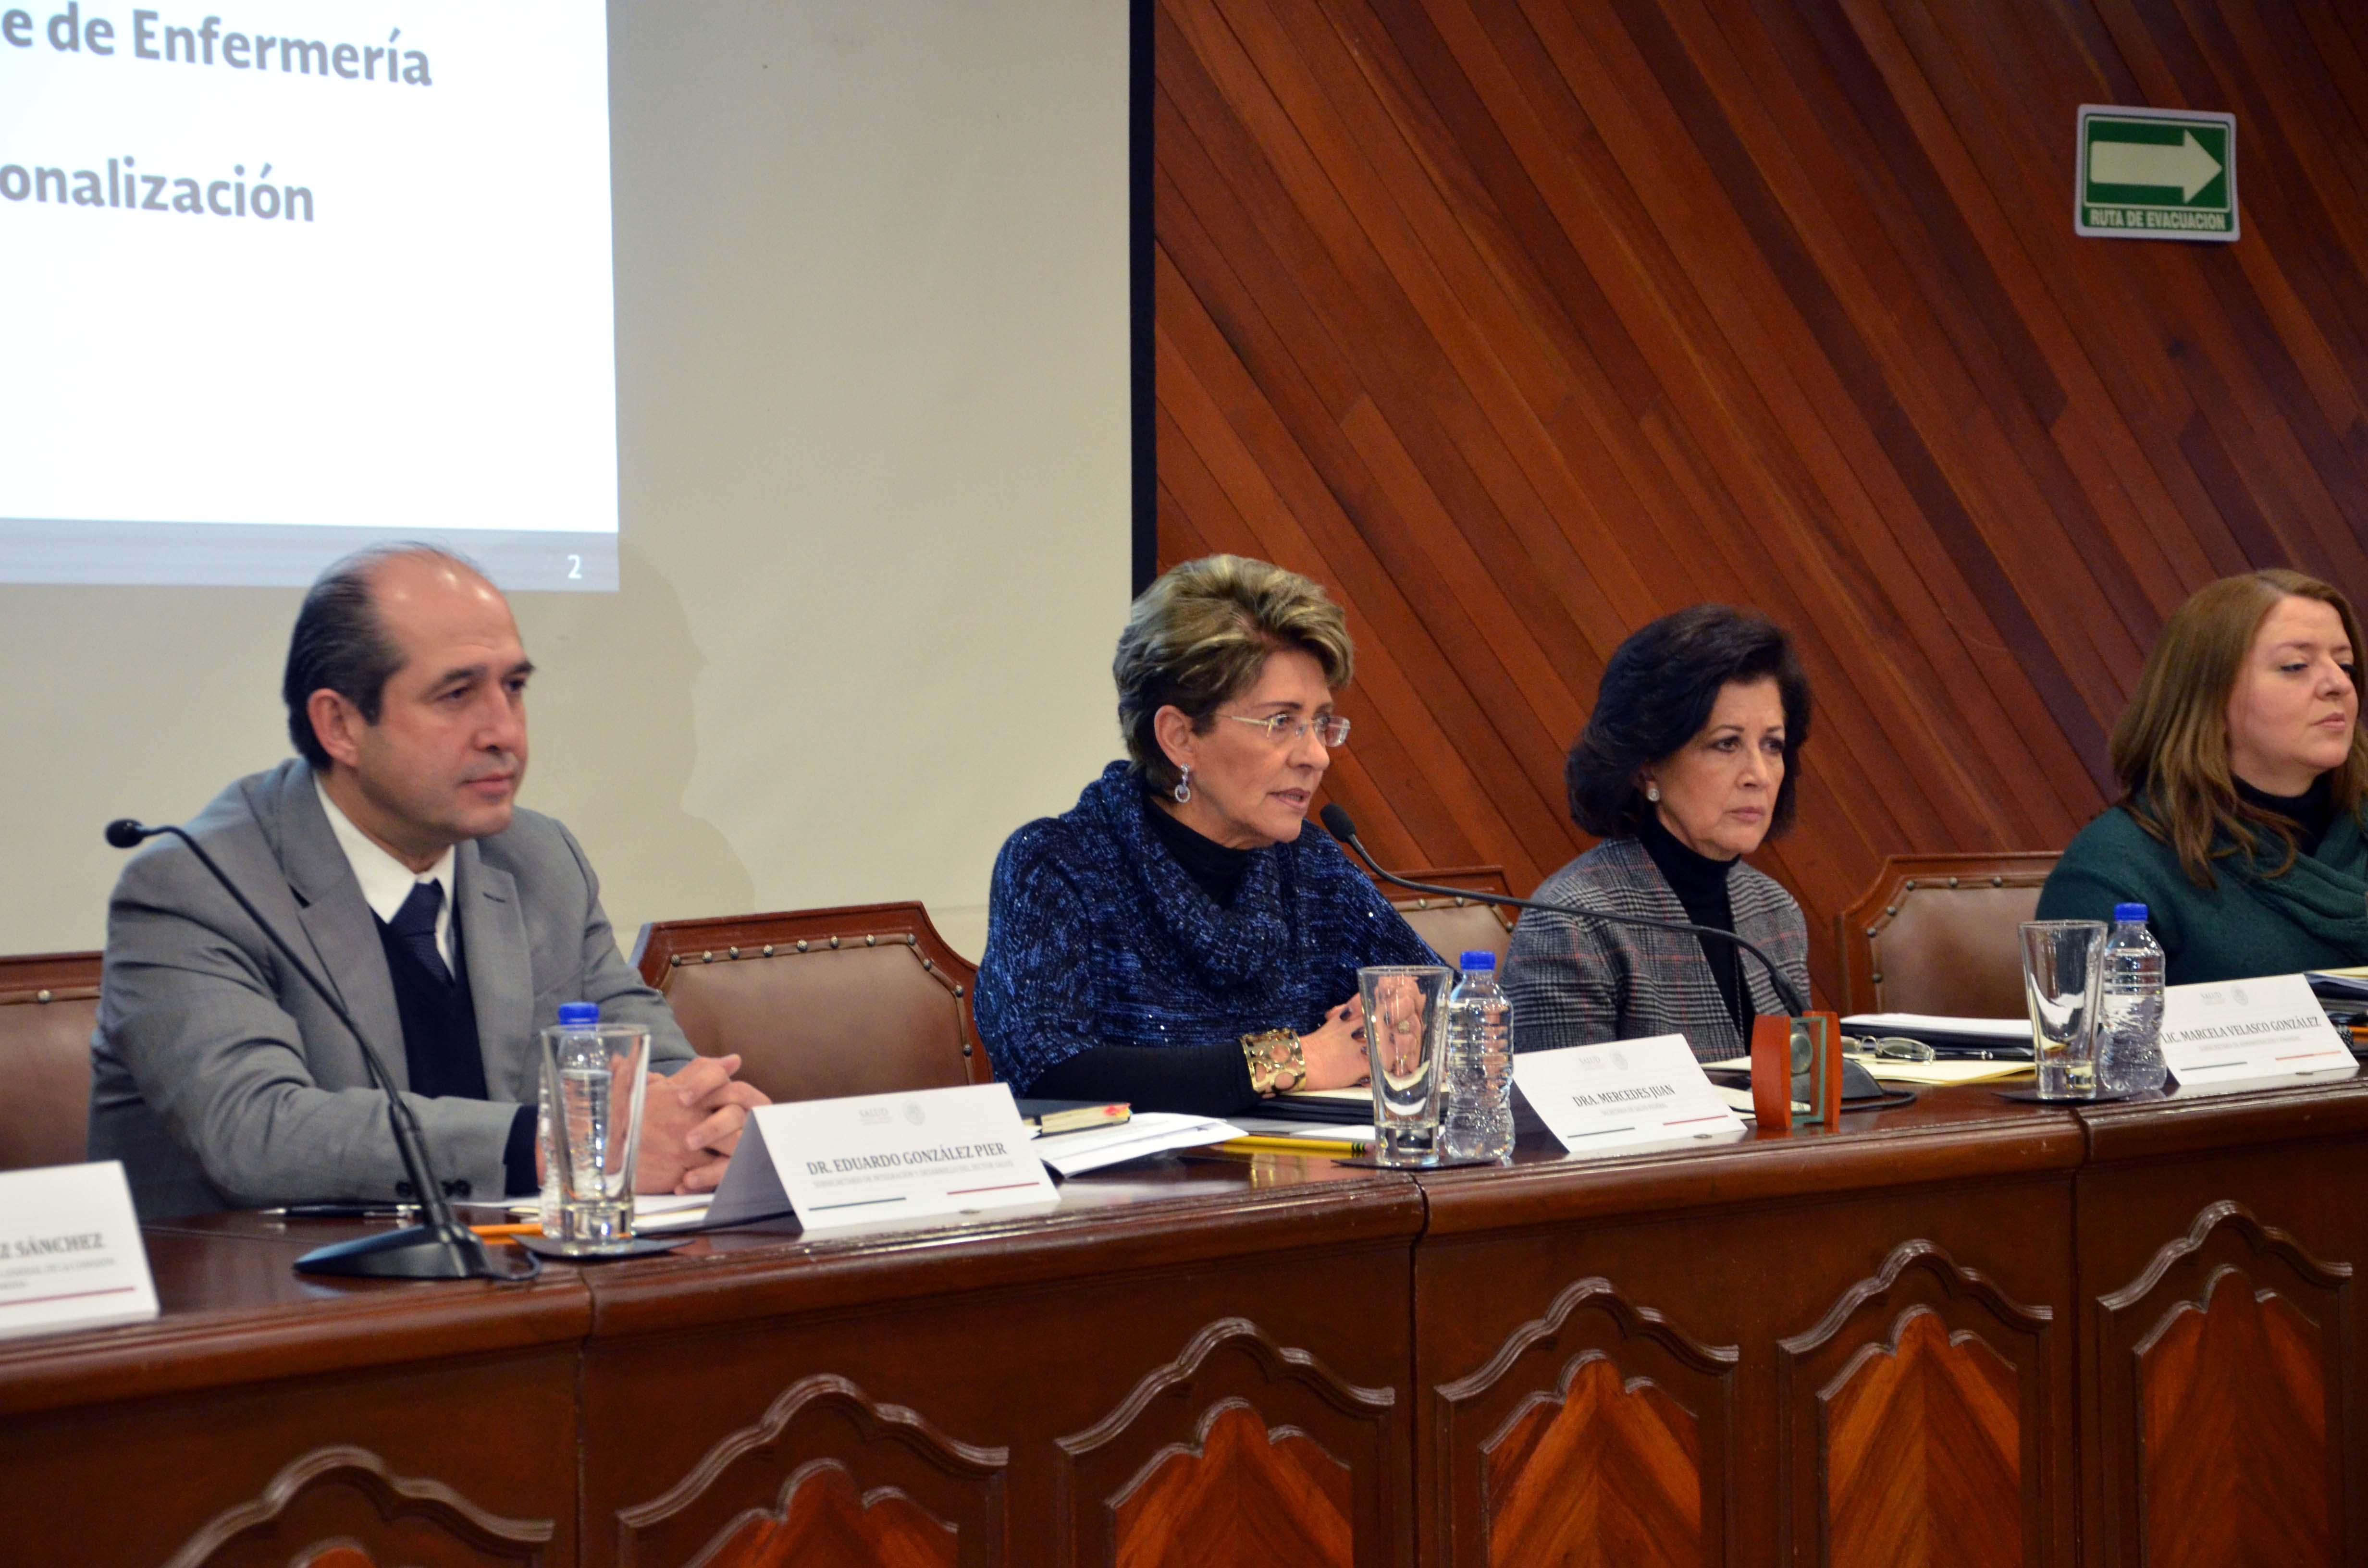 060114 Conferencia de Prensa 10jpg